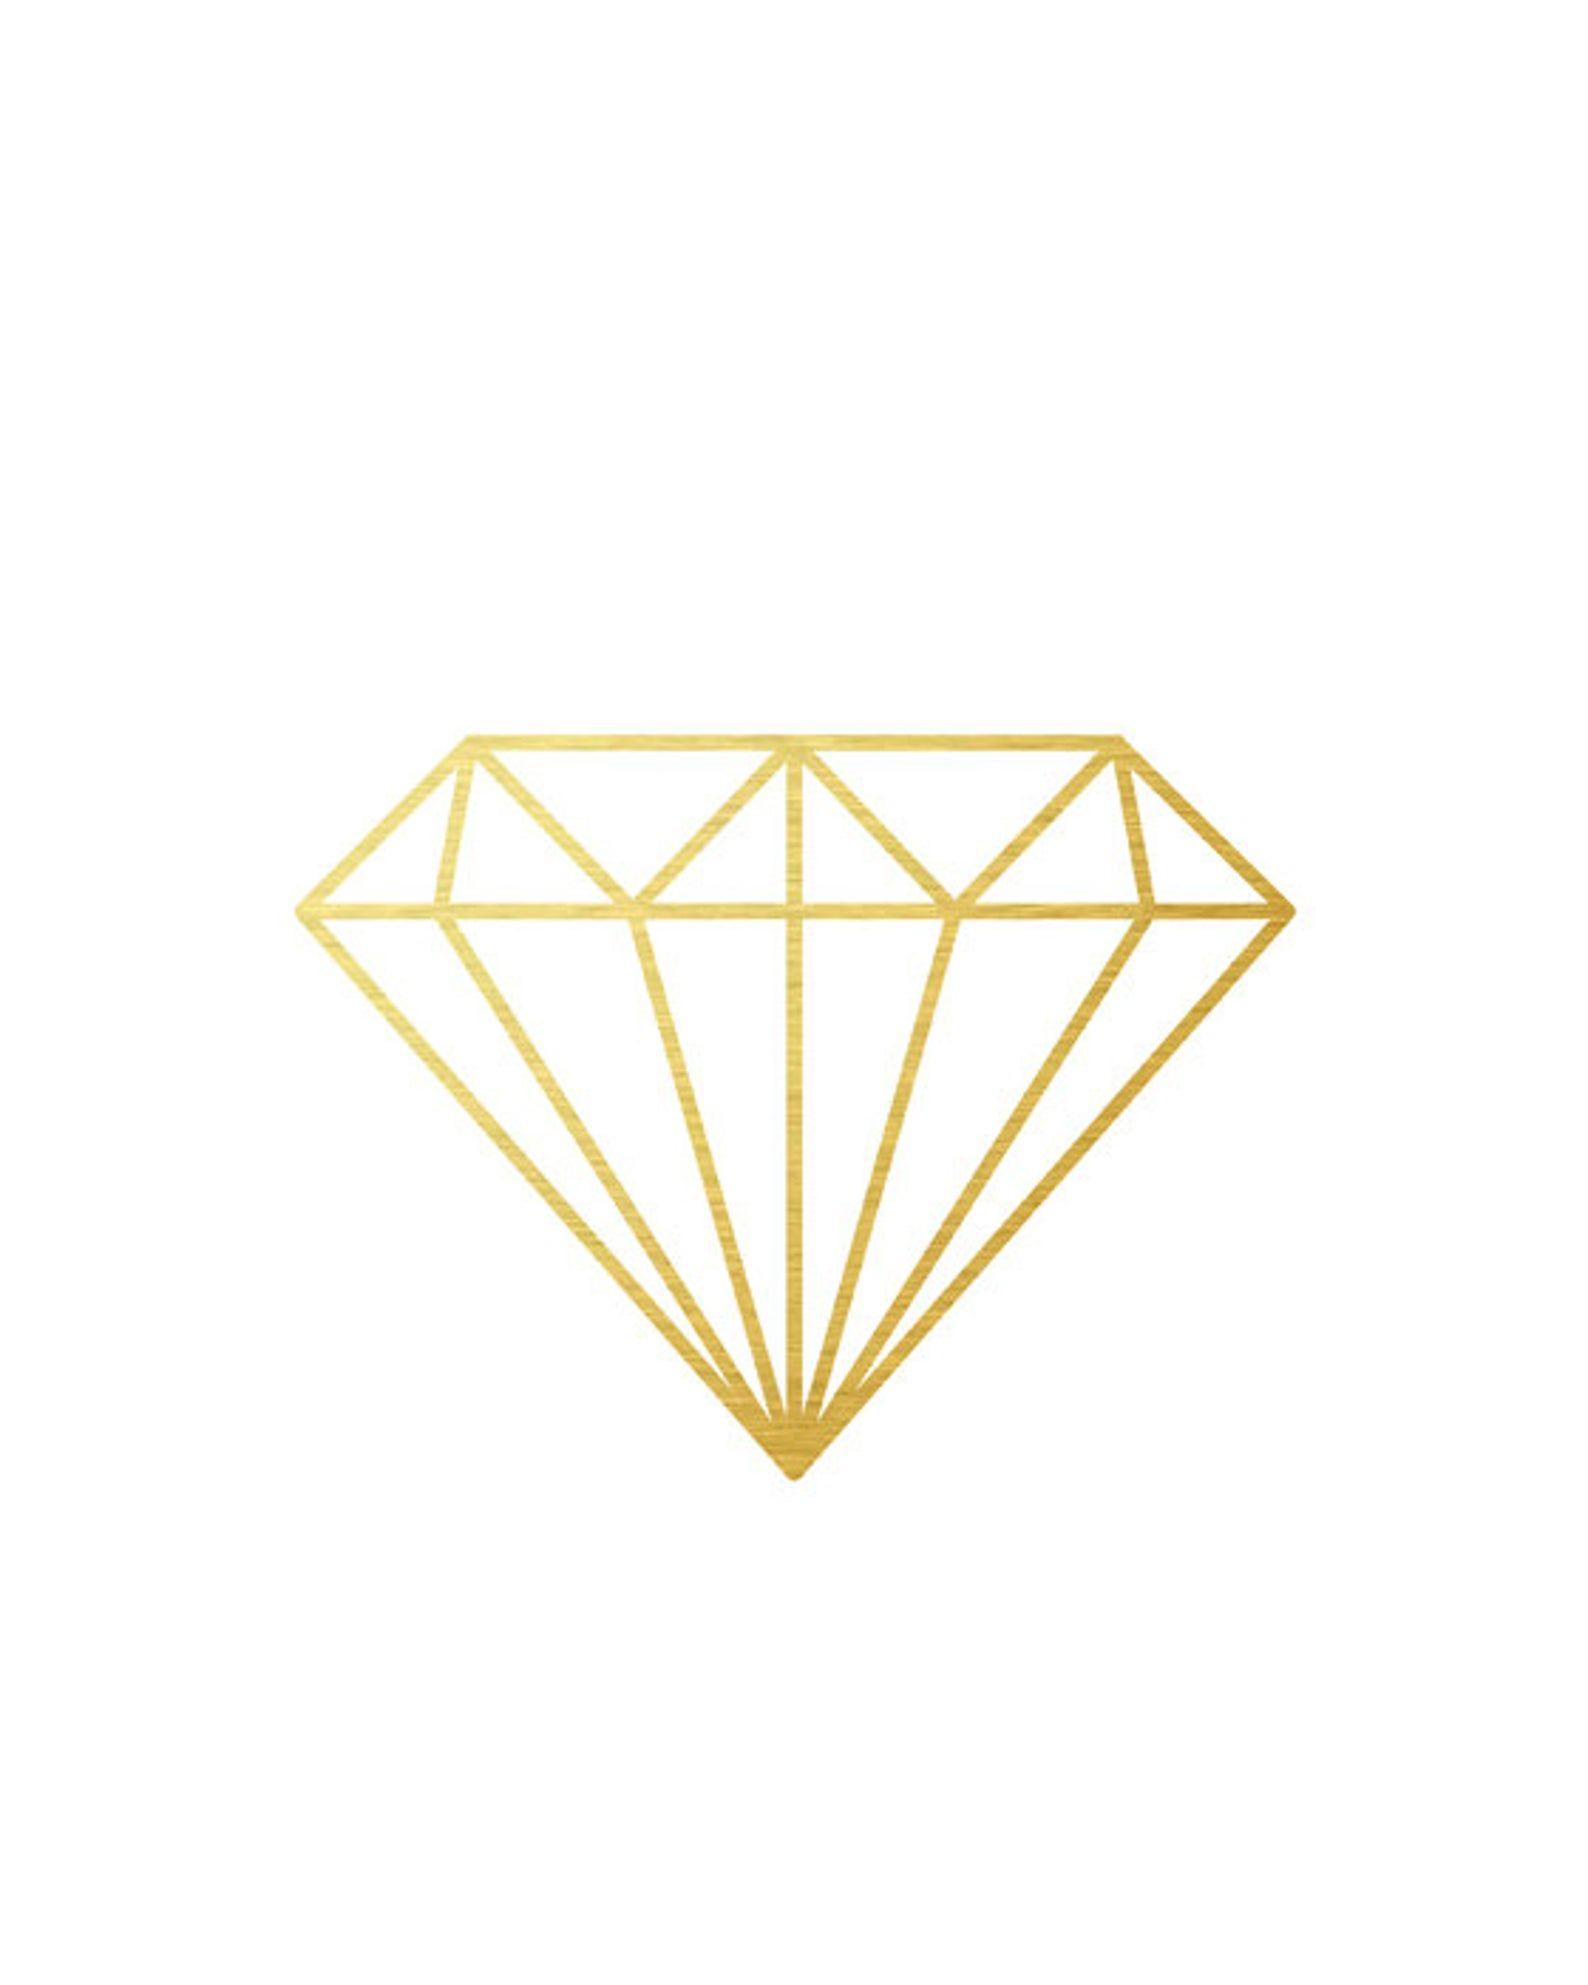 Geometric Diamond Gold Foil Wall Prints Gold Print Gold Minimalist Art Gold Modern Wall Art Line Drawing Minimal Modern Art Diamond Drawing Geometric Diamond Wall Prints